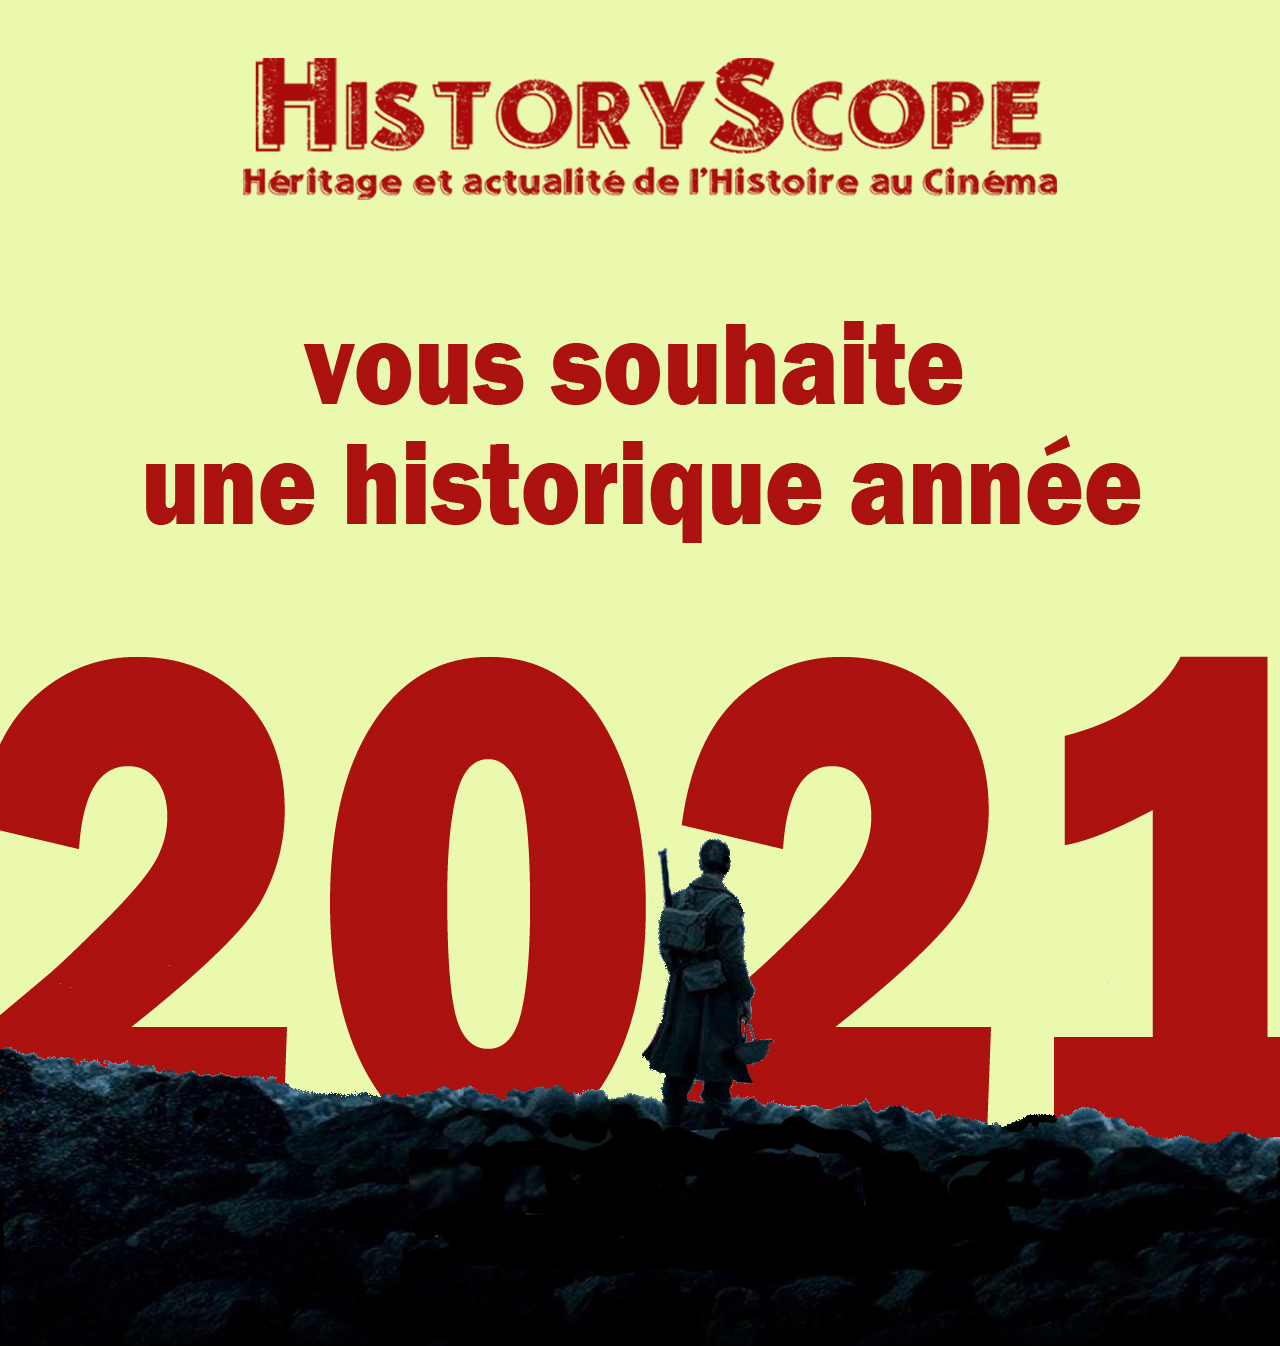 HistoryScope Héritage et actualité de l'Histoire au Cinéma